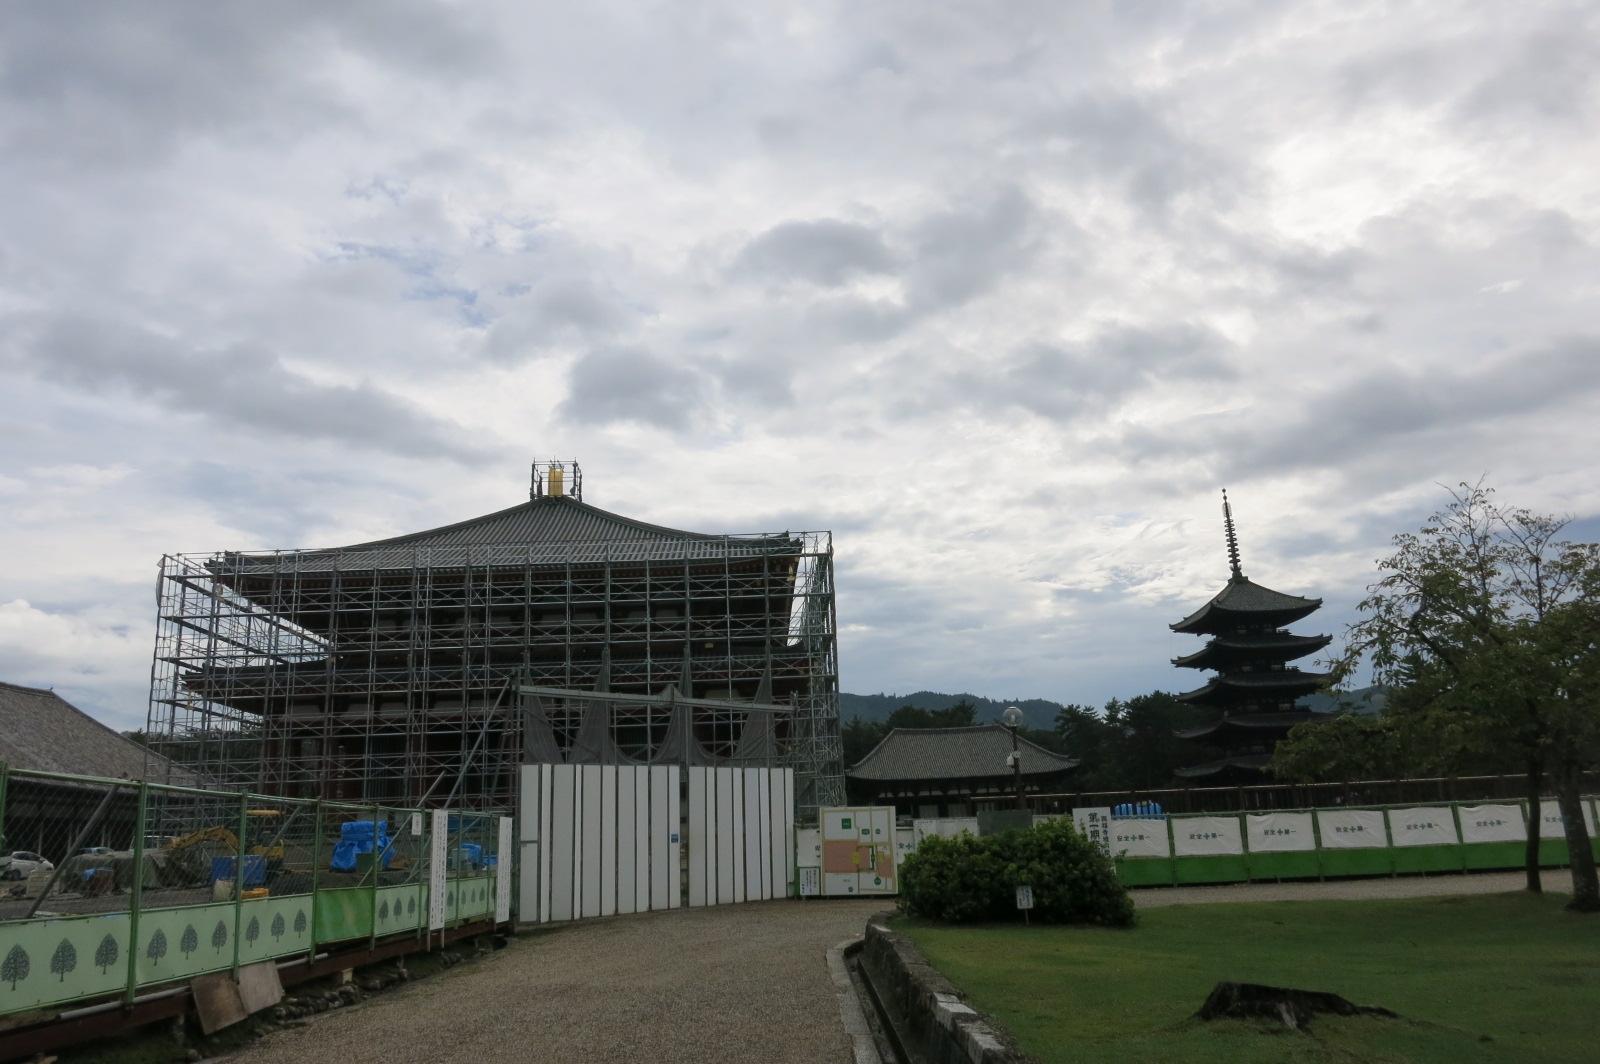 近鉄奈良駅から興福寺を通って徒歩で東大寺に向かいました。